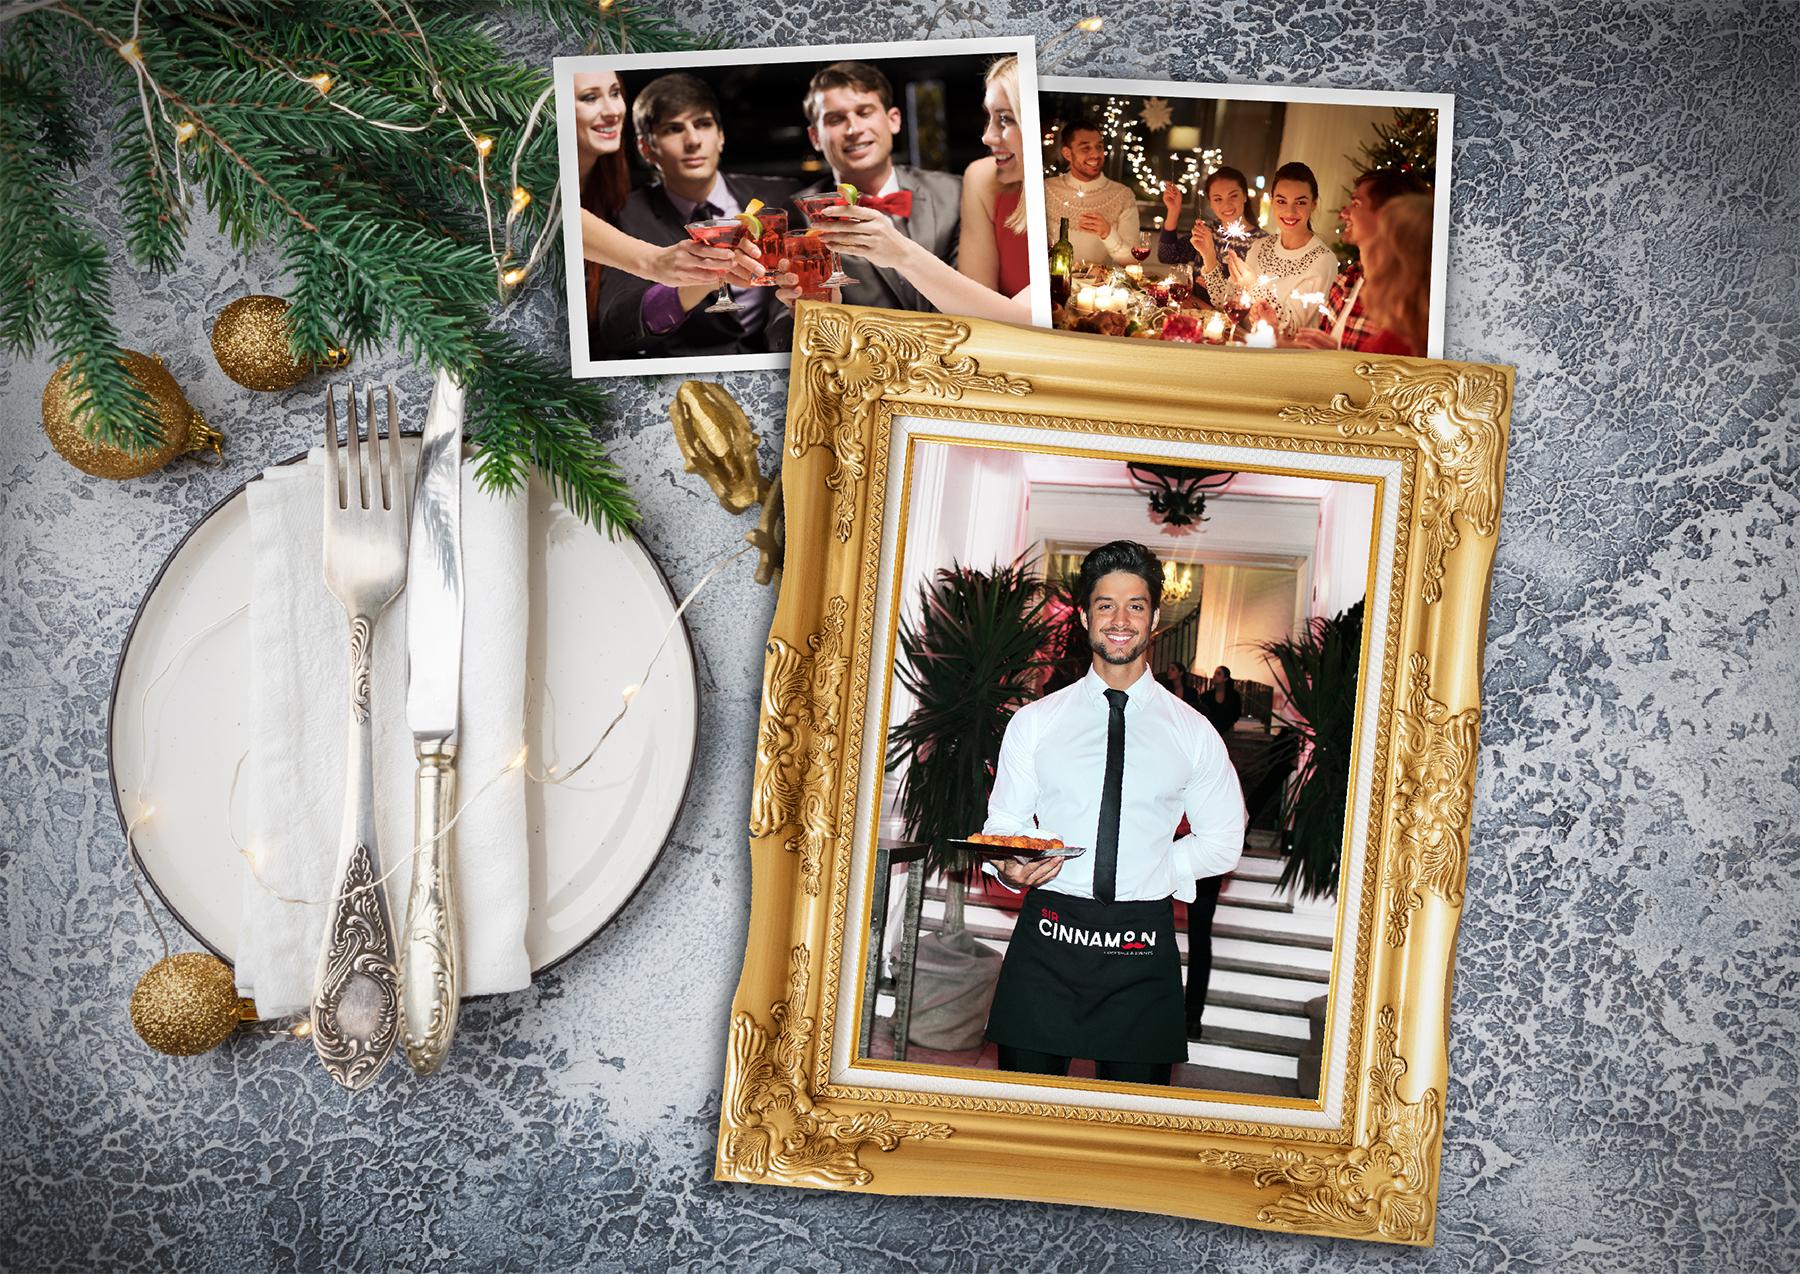 Triunfa en tu cena en las fiestas navideñas con la cocteleria a domicilio Madrid